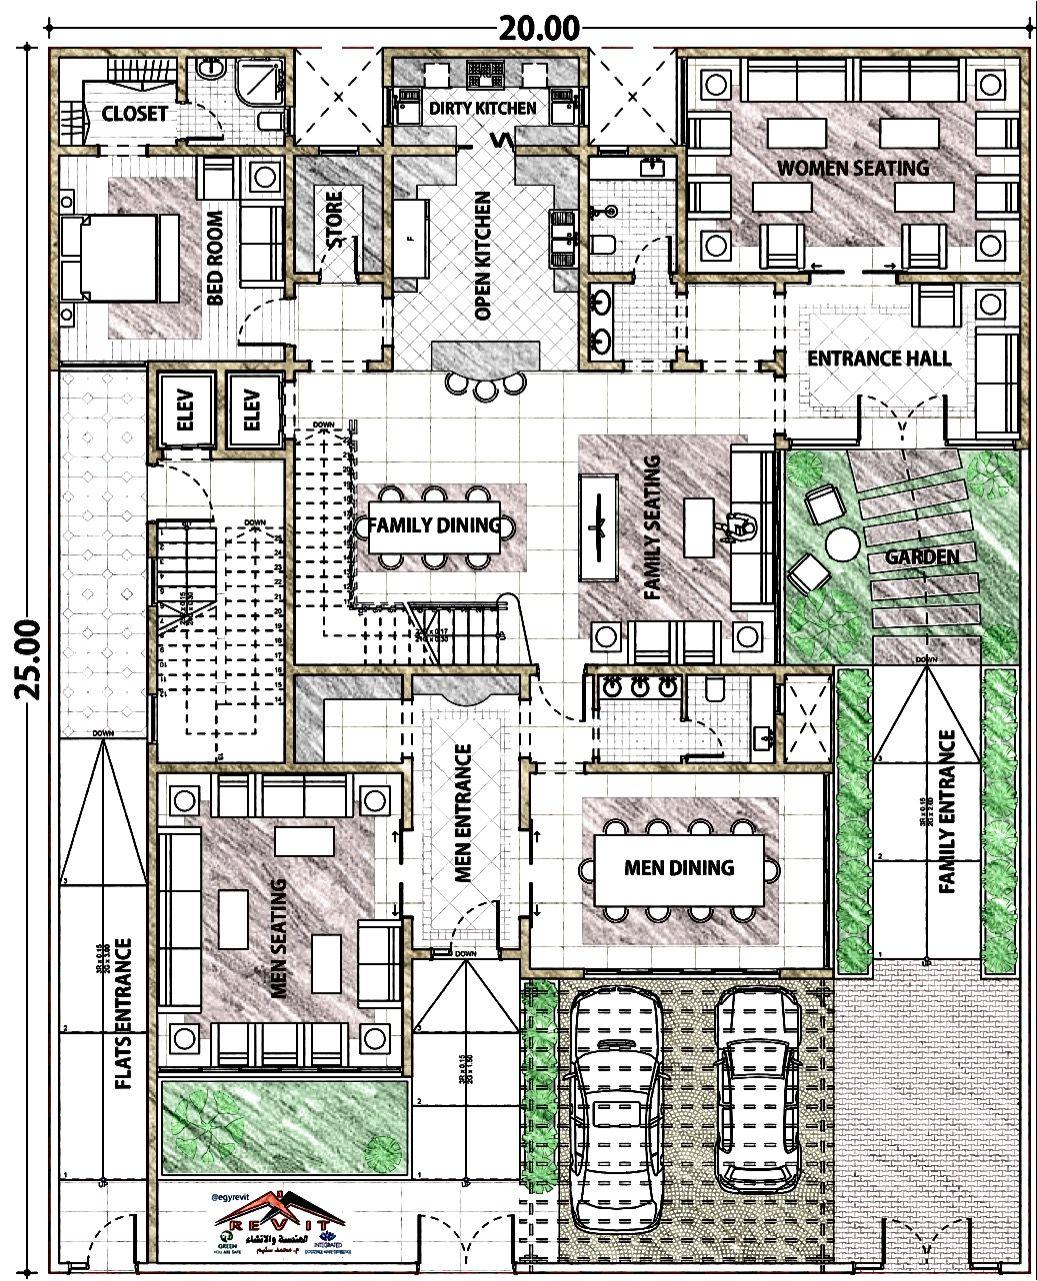 مخطط فيلا في جده مخطط فيلا مودرن House Layout Plans Modern House Plan New House Plans